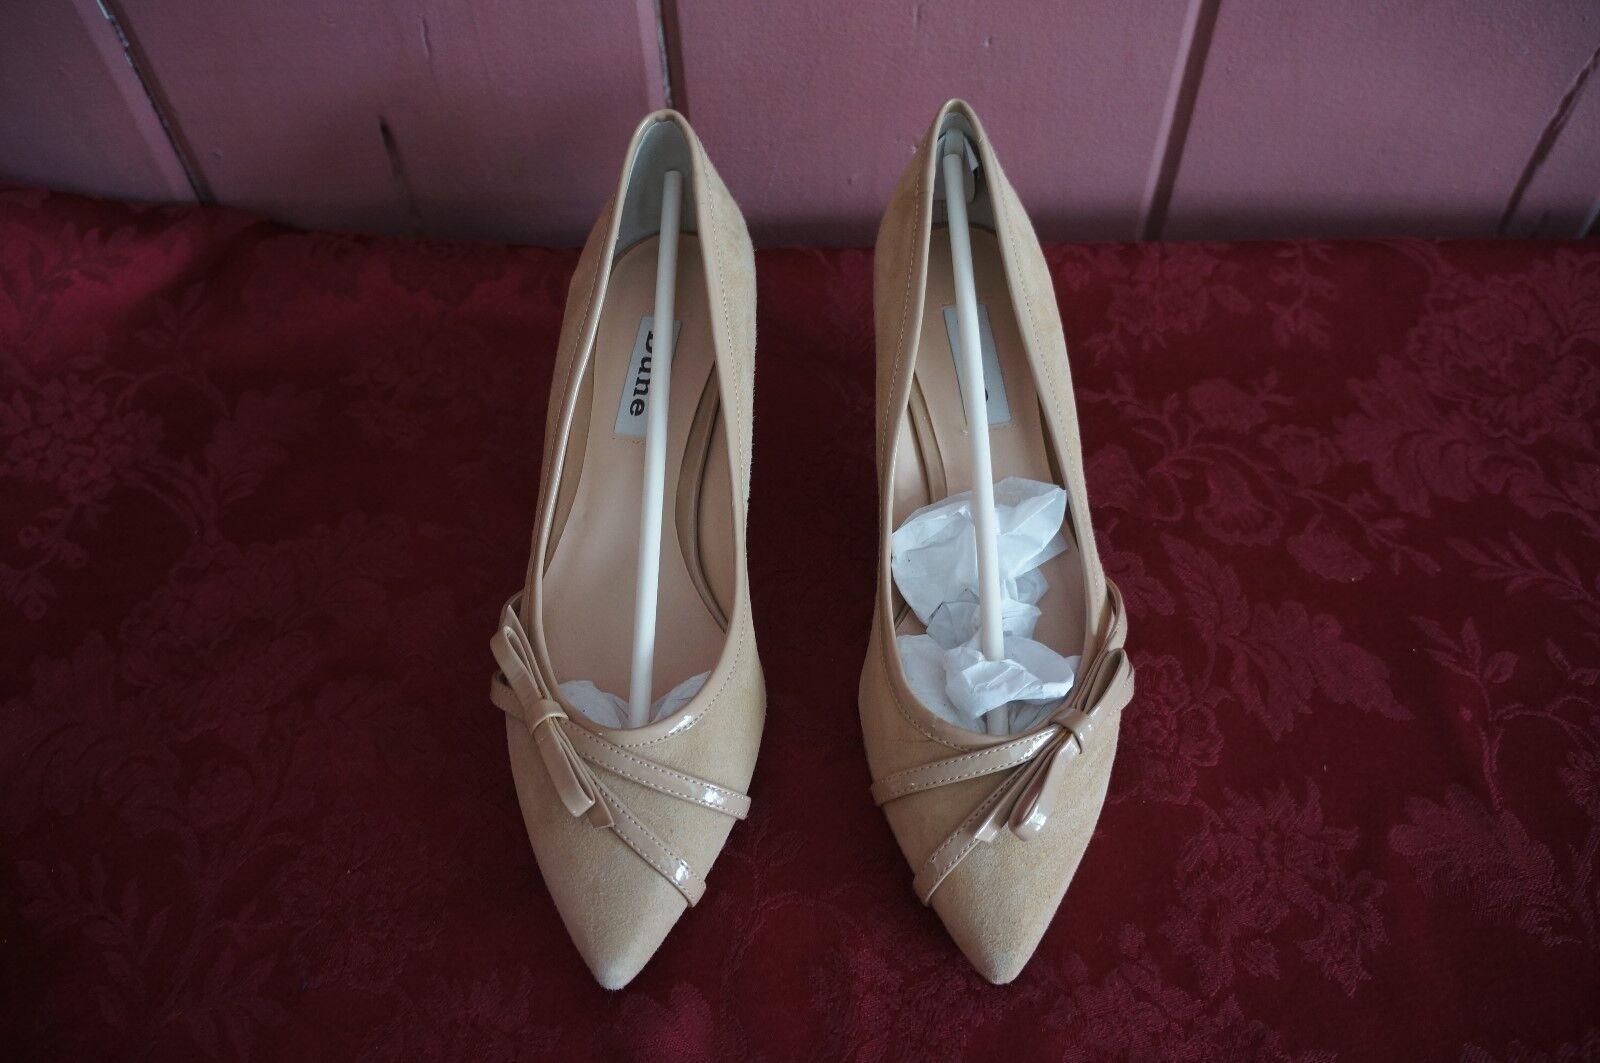 NWB: WOMEN'S Schuhe: SUNDAE-SKINNY BOW KITTEN HEEL BY DUNE  SIZE: 8 M